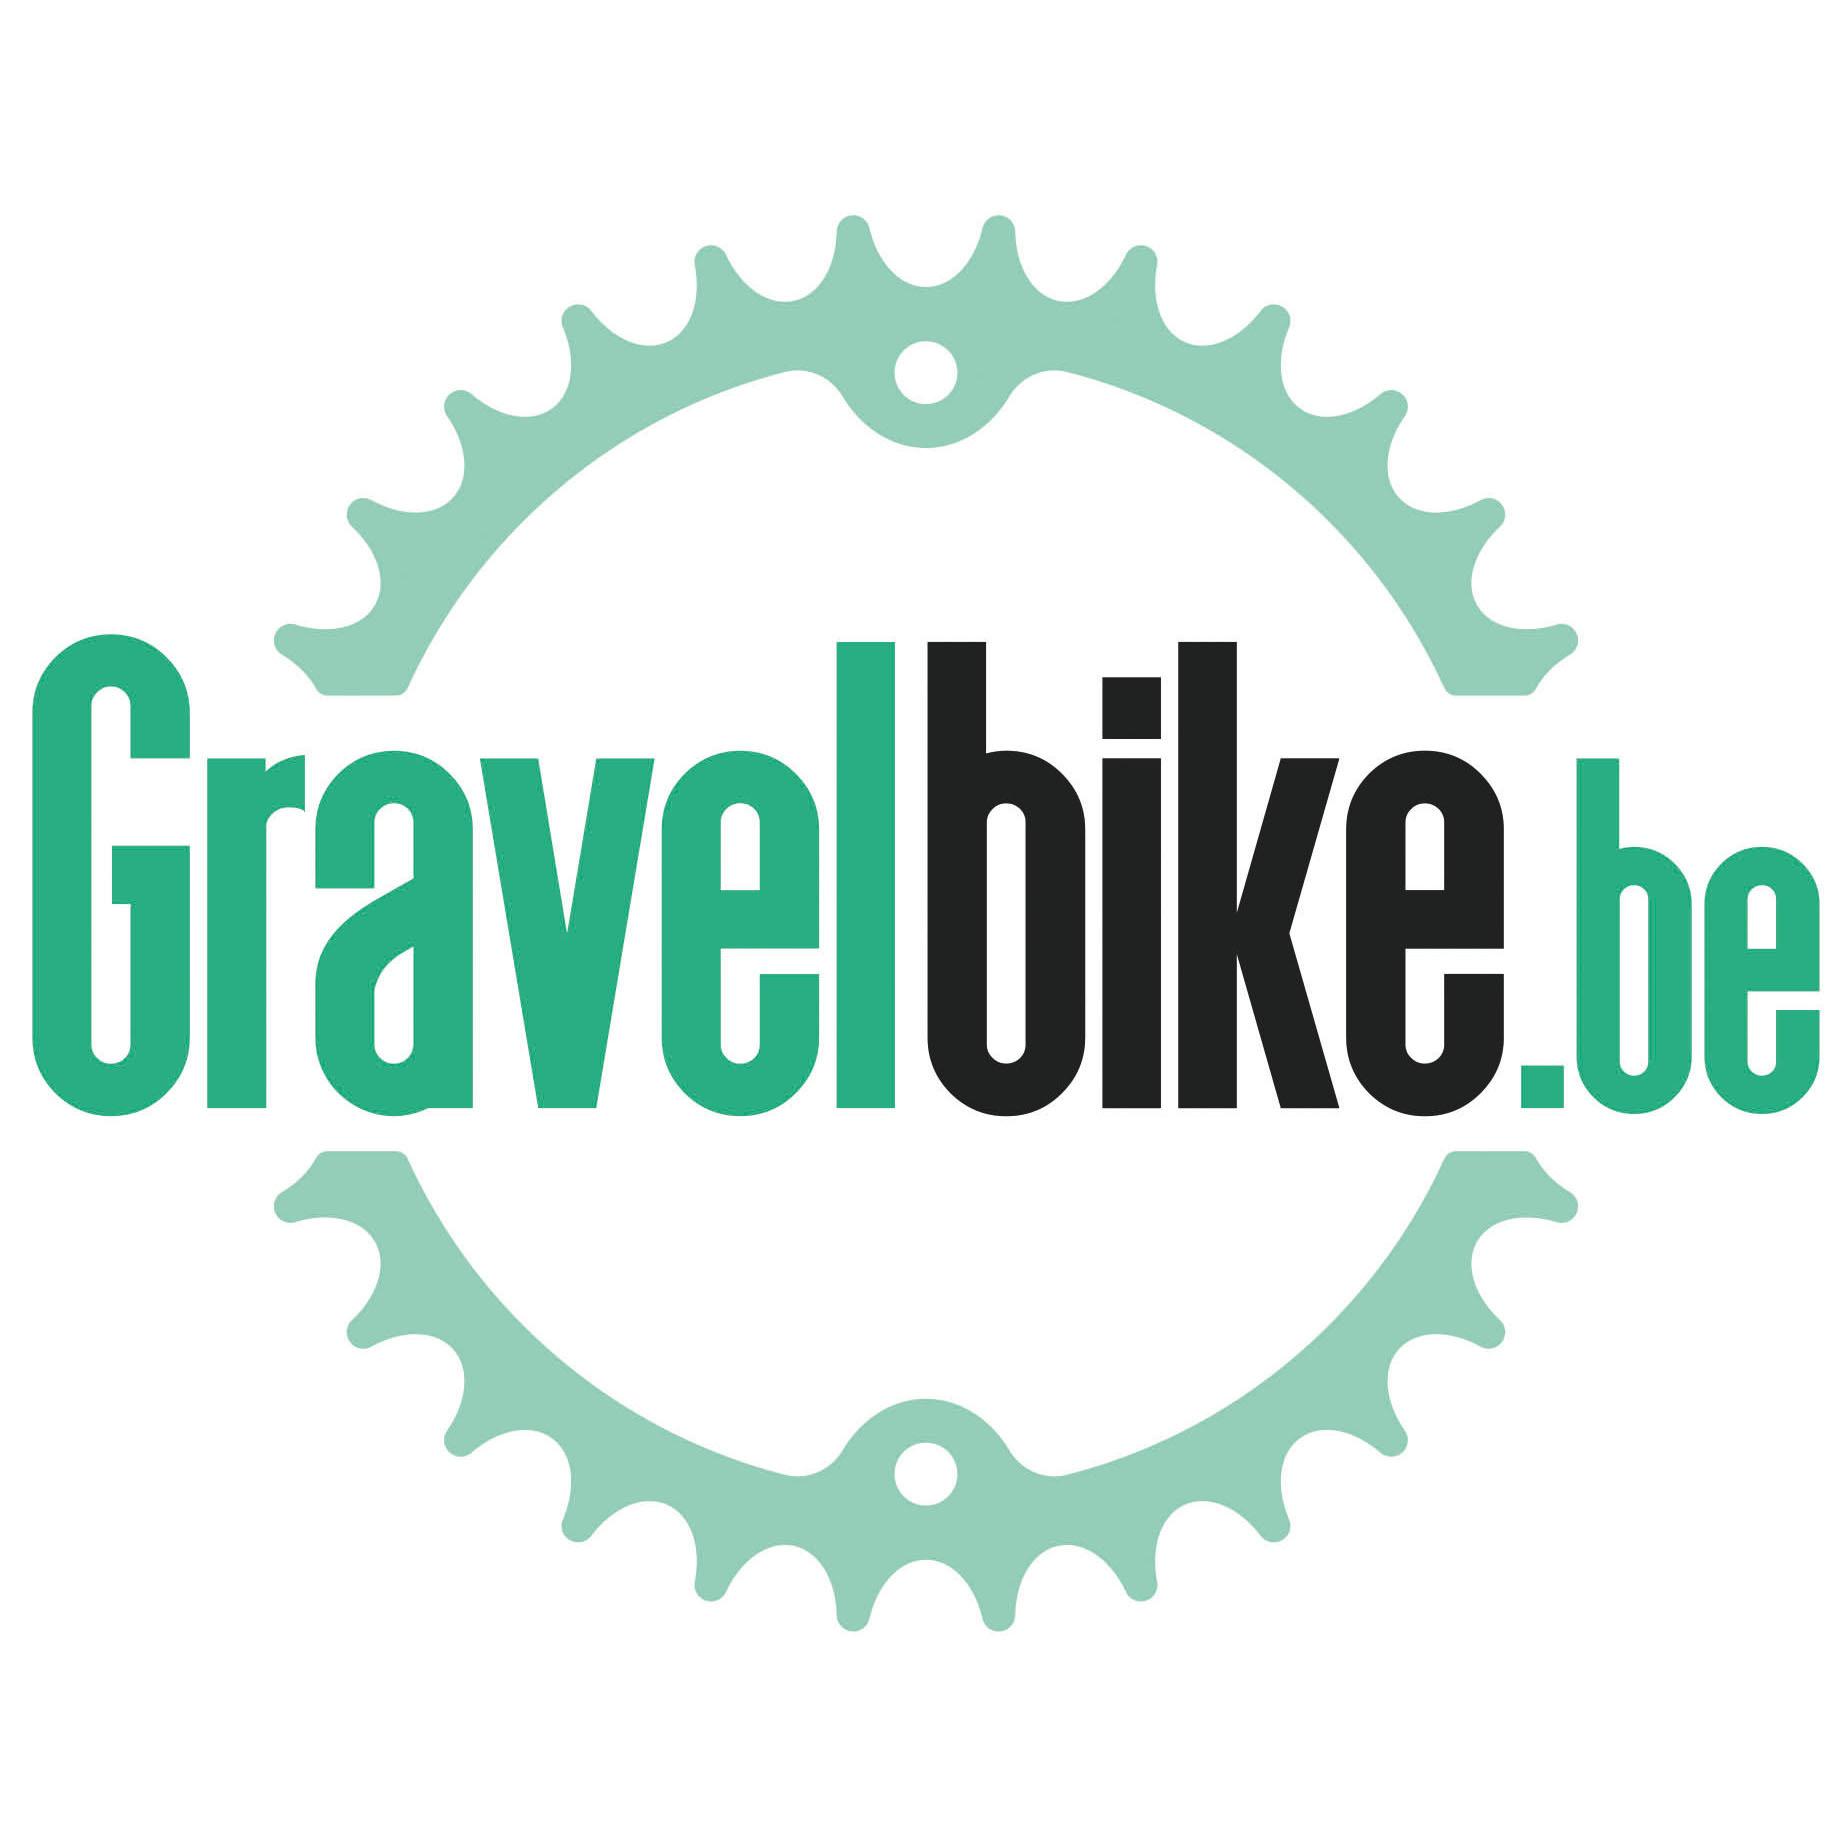 gravelbike_logo2.jpg